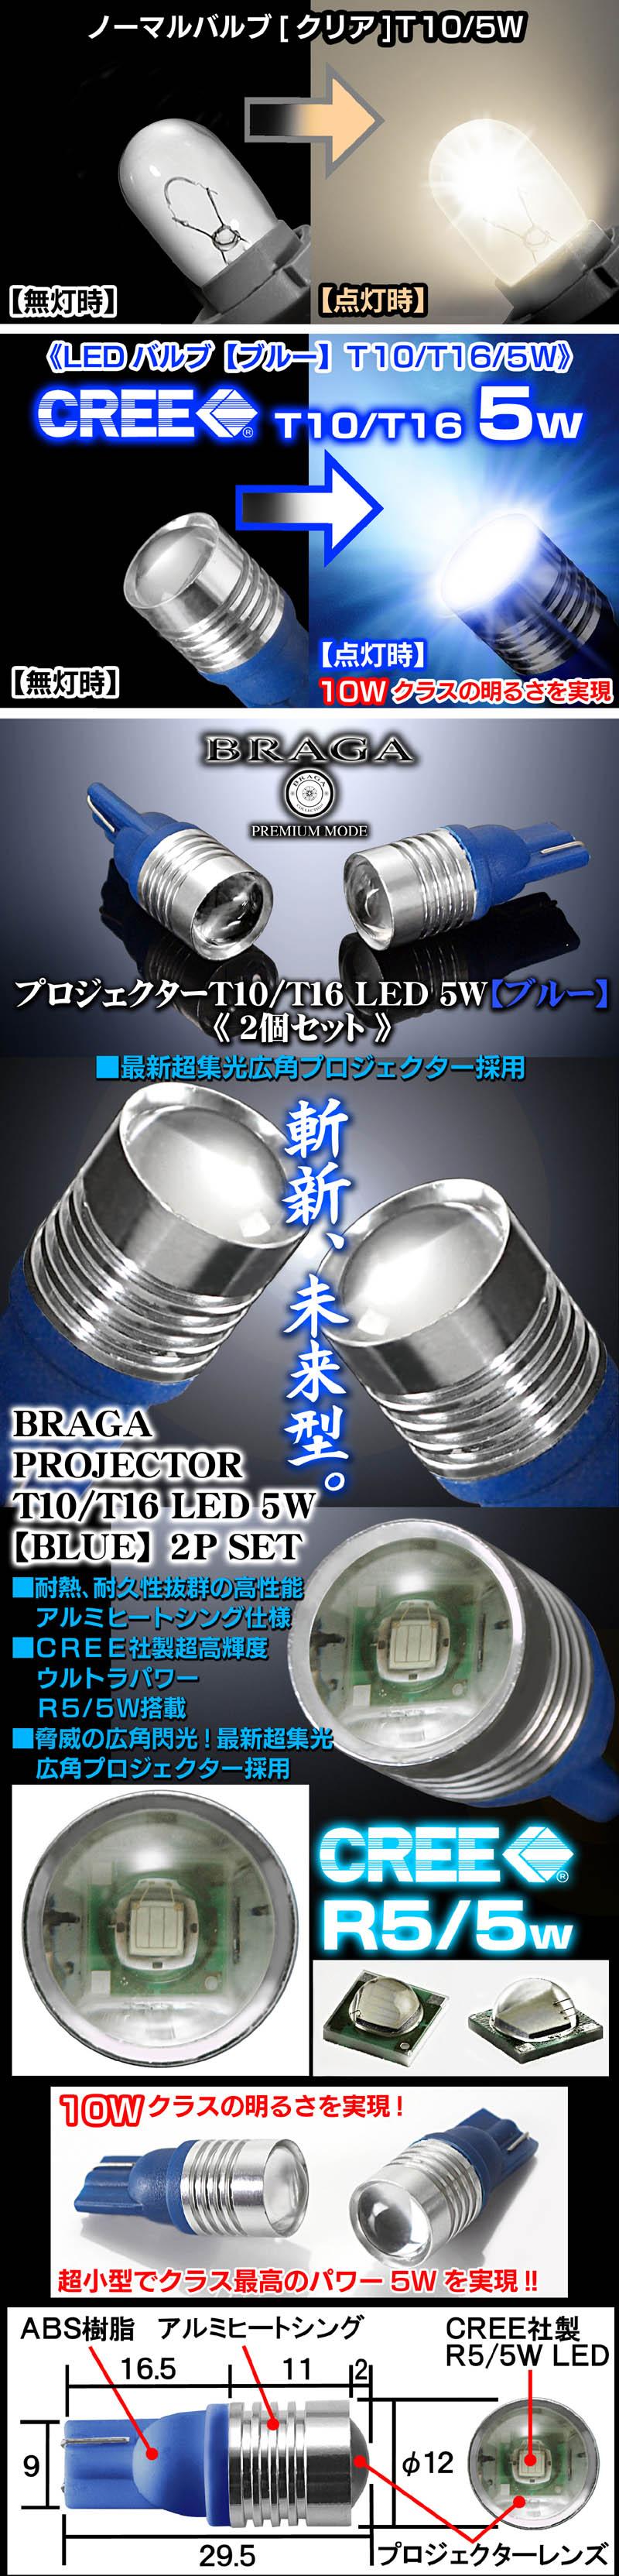 【T10/T16/5W CREE製LEDプロジェクターバルブ【ブルー/青】10Wクラスの光を実現《2個》ブラガ】